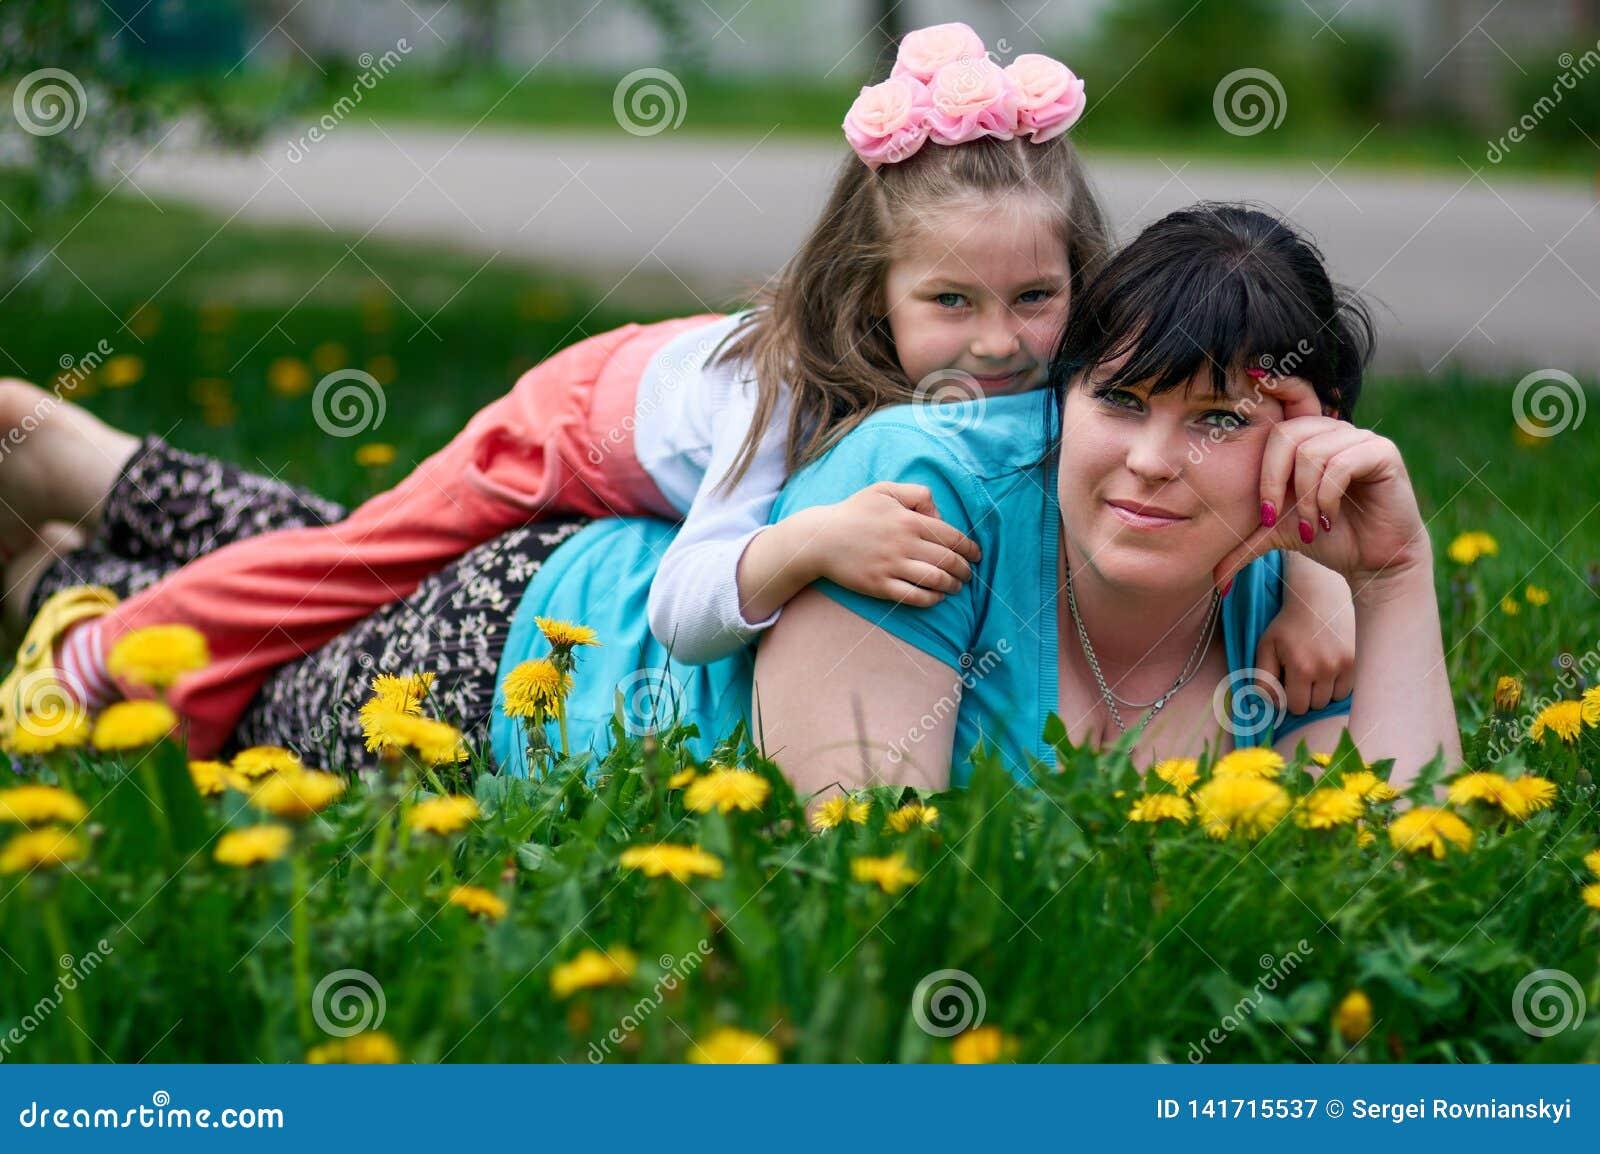 有婴孩的愉快的年轻母亲在蒲公英草甸享受夏时